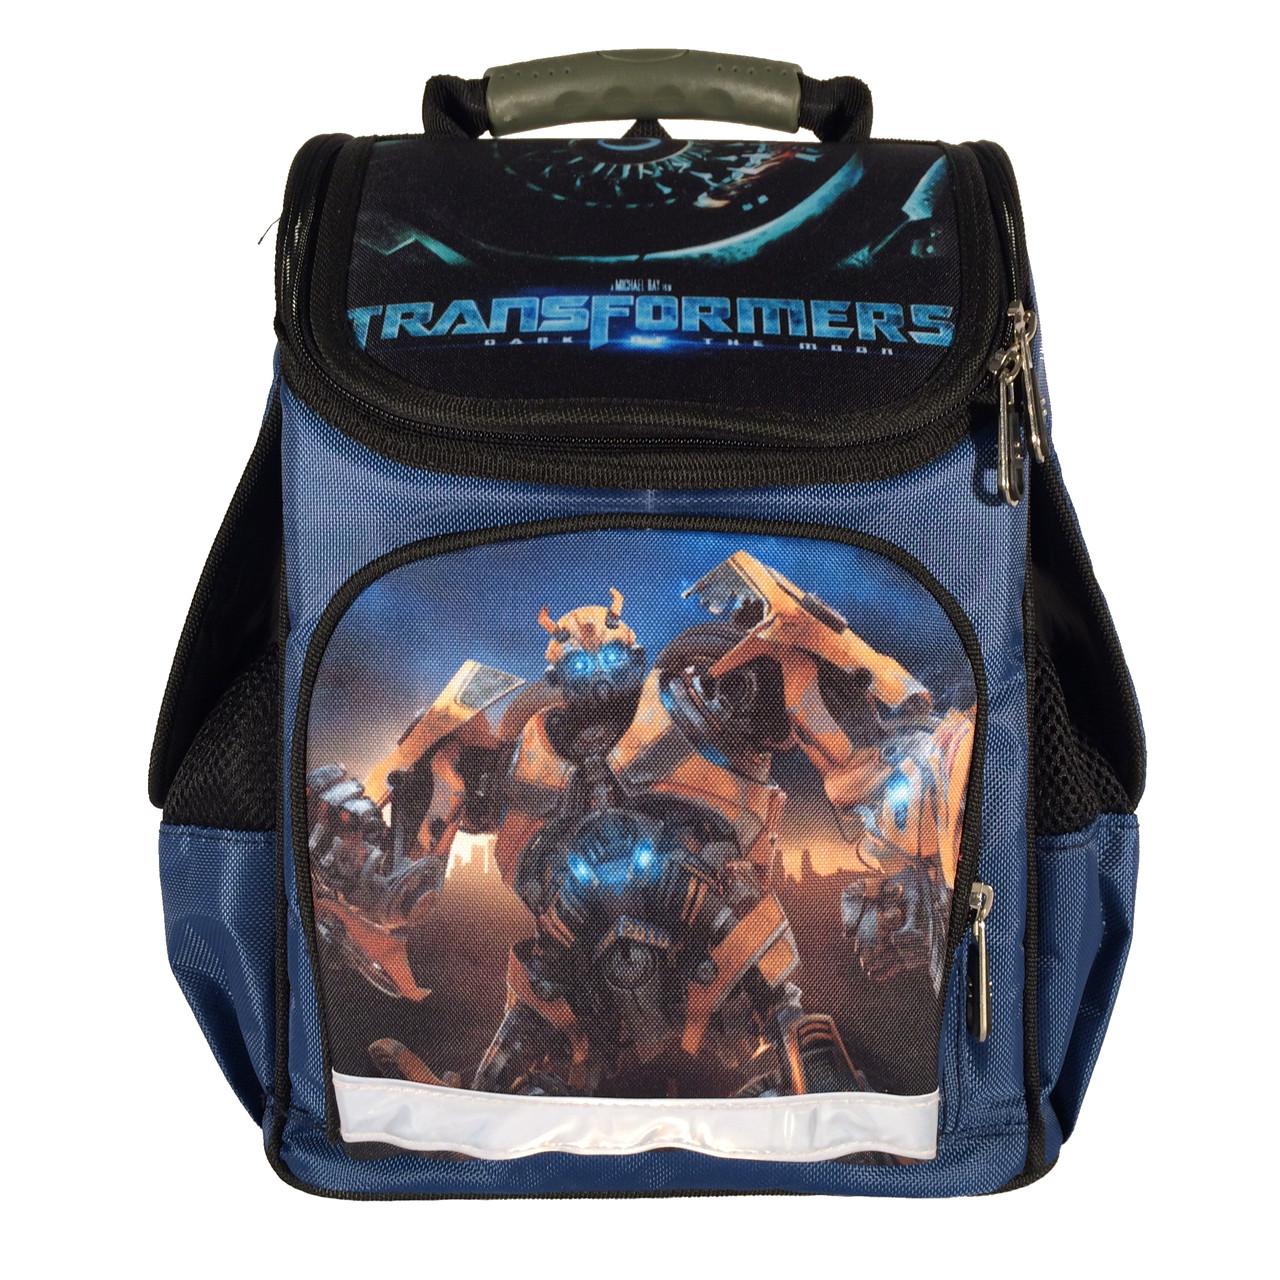 9501199e98b2 Рюкзак школьный детский 14 л Ортопедическая спинка Каркасный Для мальчика  Трансформеры Синий - NATURSPORT.COM